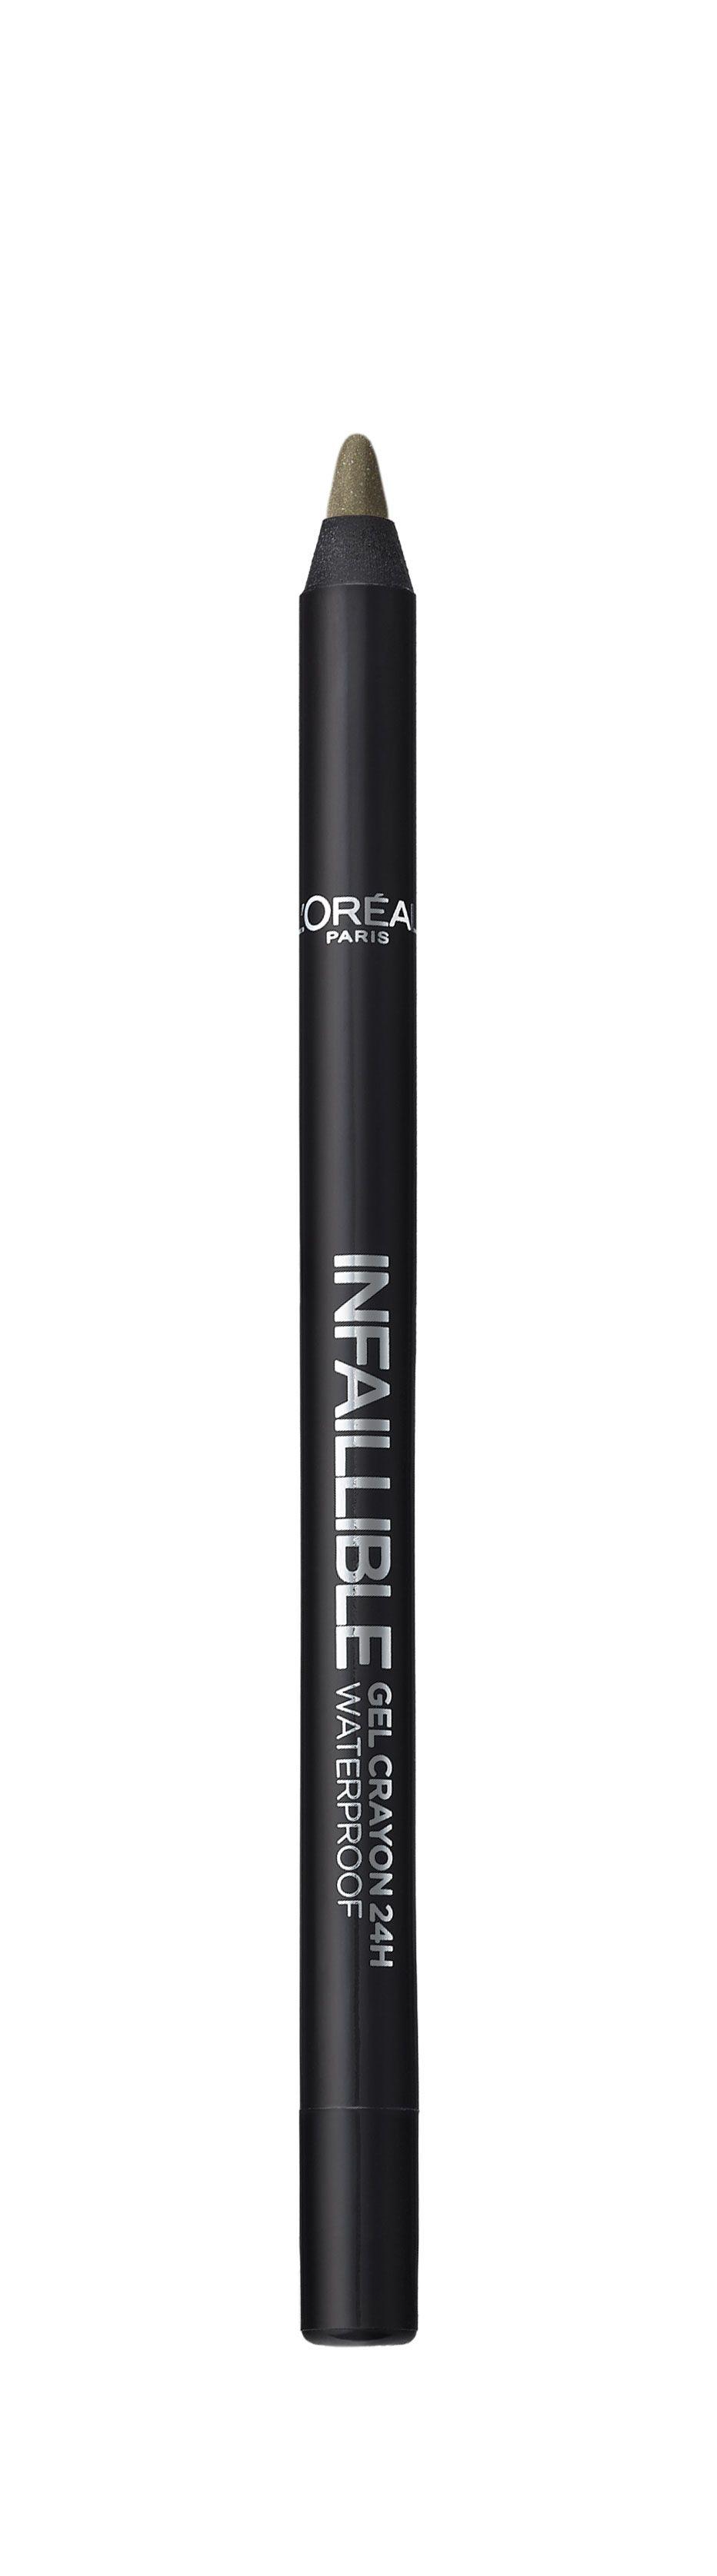 LOreal Paris Стойкий гелевый карандаш для глаз Infaillible, Оттенок 8, Дело в хакиA8995500Насыщенные пигменты и гелевая основа карандаша способствуют точному нанесению и устойчивому водостойкому результату на 24 часа. Множество оттенков – от базовых до самых ярких – для разнообразных вариантов макияжа.